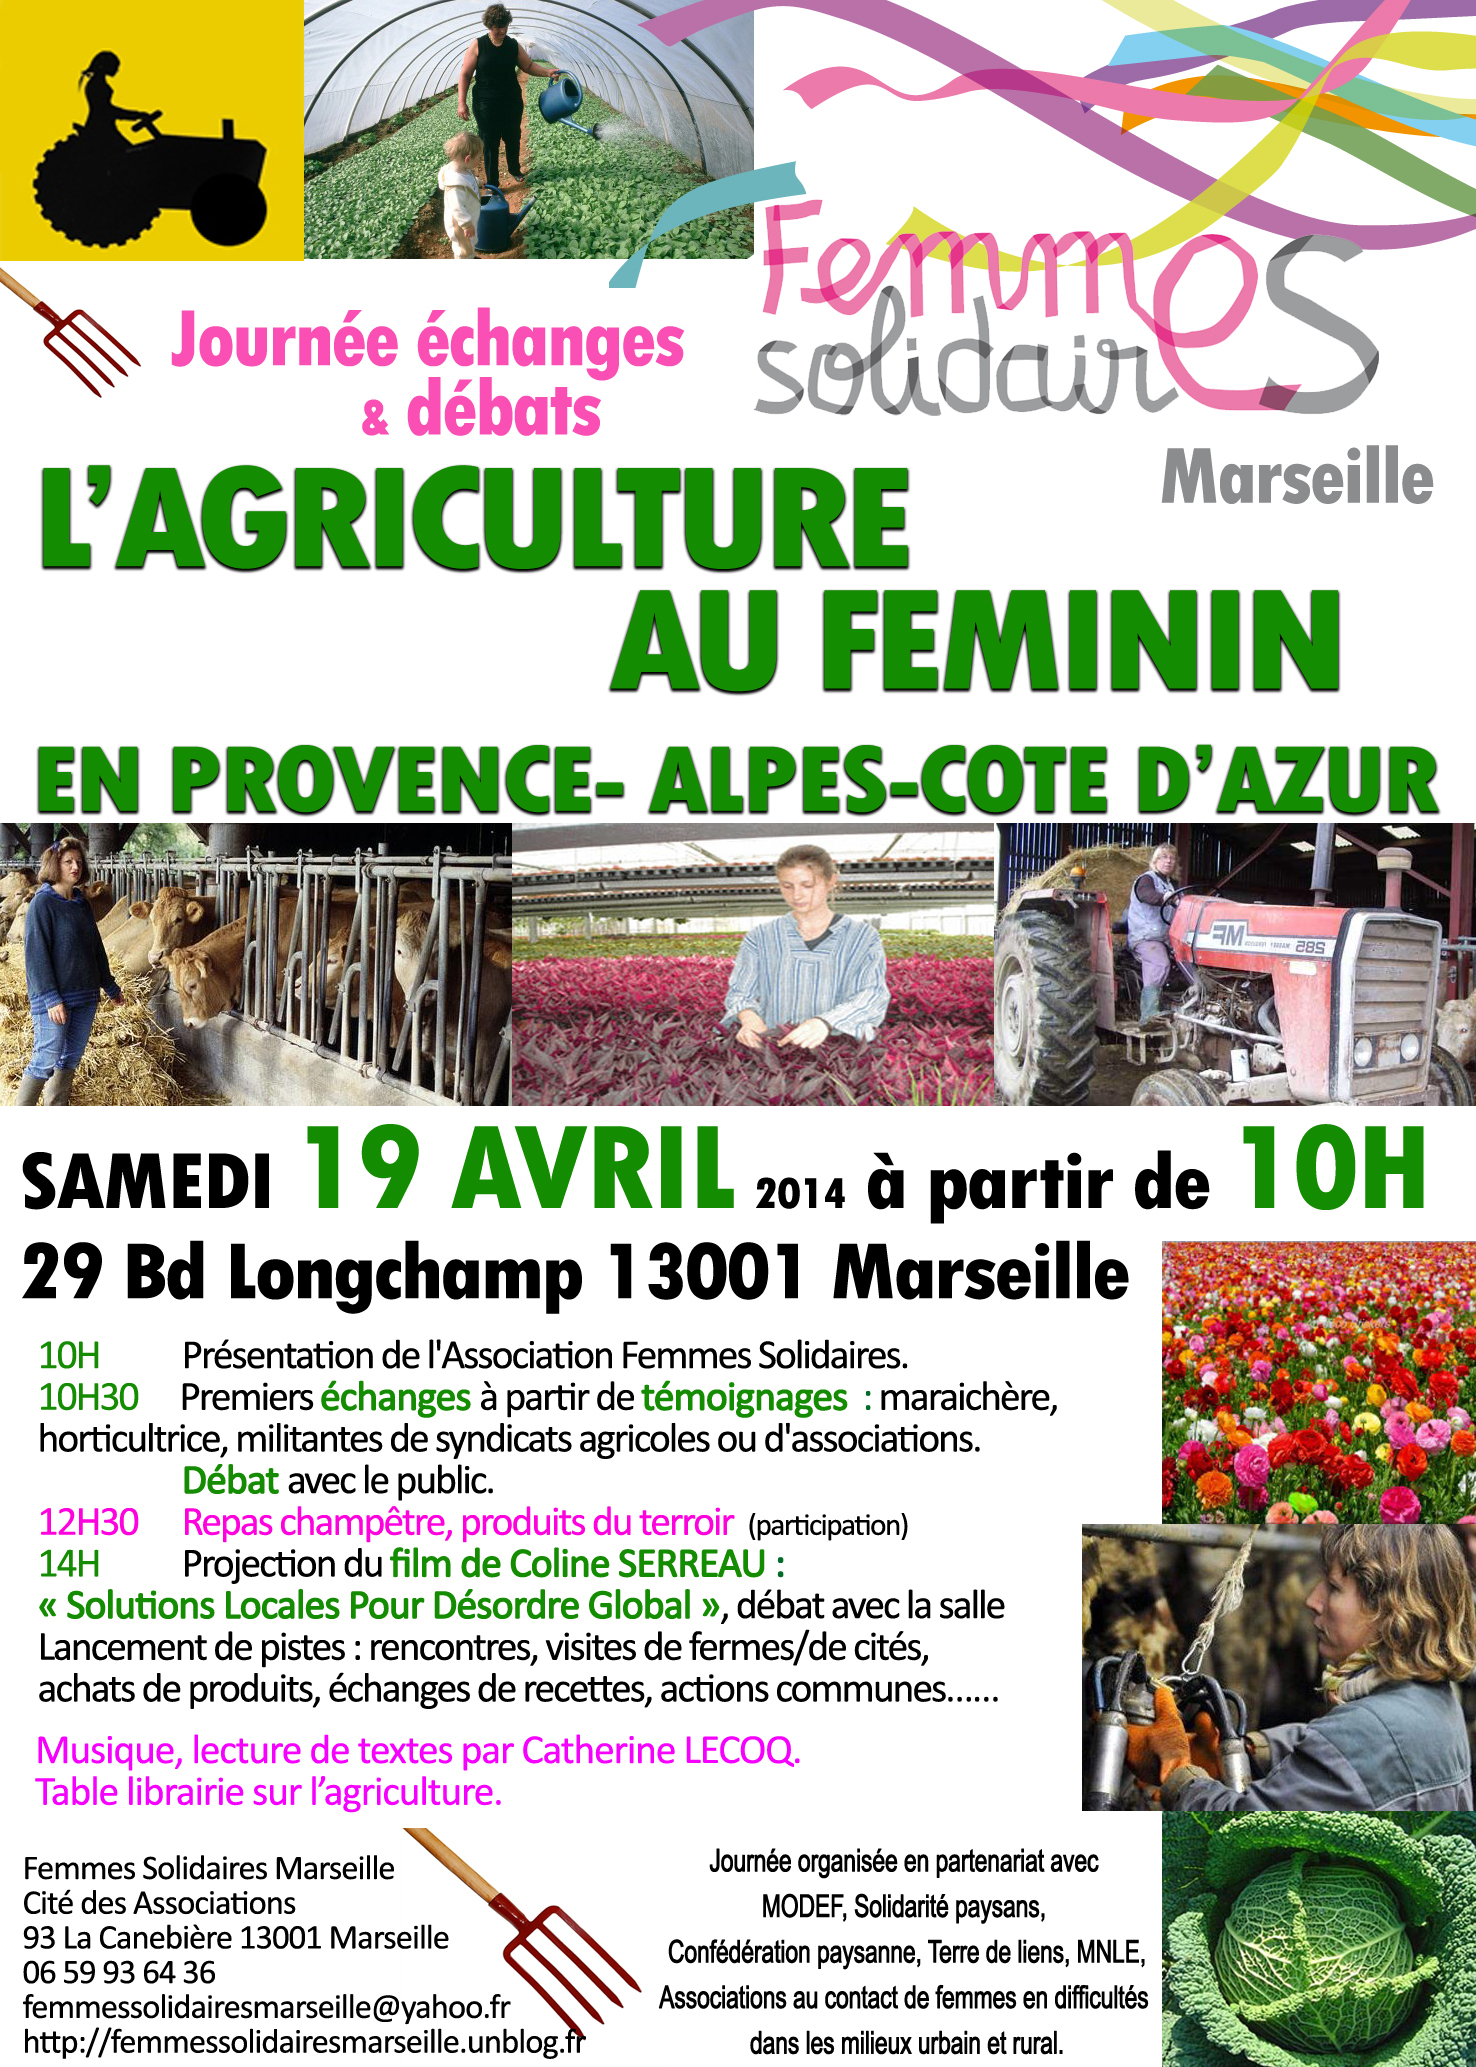 19 avril 2014 : L'Agriculture au Féminin sur la Canebière à Marseille !